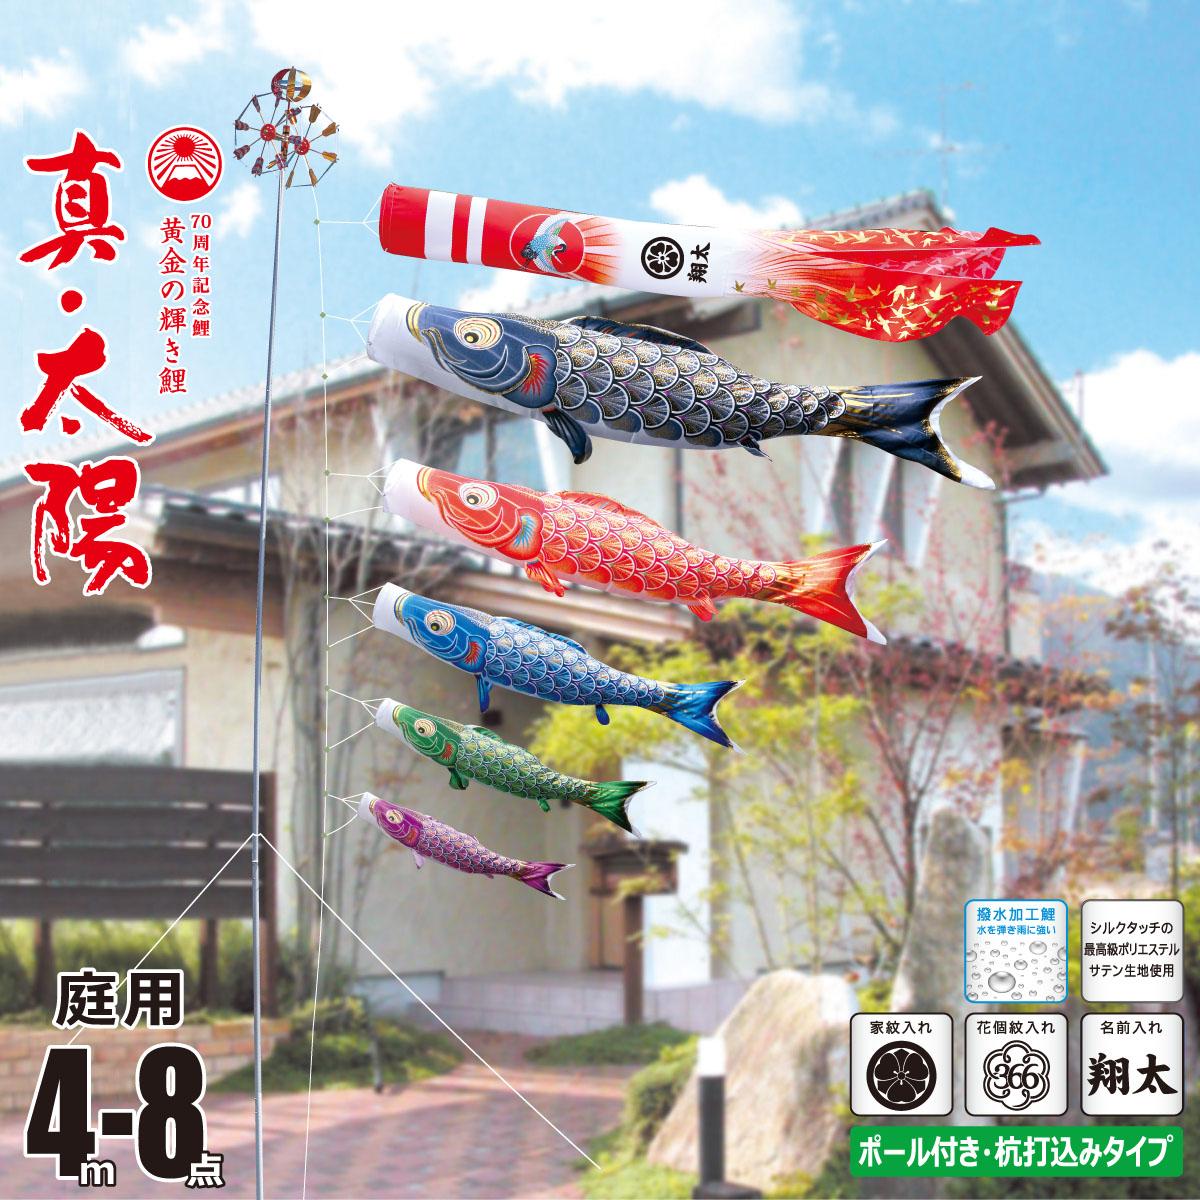 こいのぼり 4m 真・太陽 8点 (矢車、ロープ、吹流し、鯉5匹) 庭園用 ガーデンセット (専用ポール一式) 徳永鯉のぼり KIT-003-774